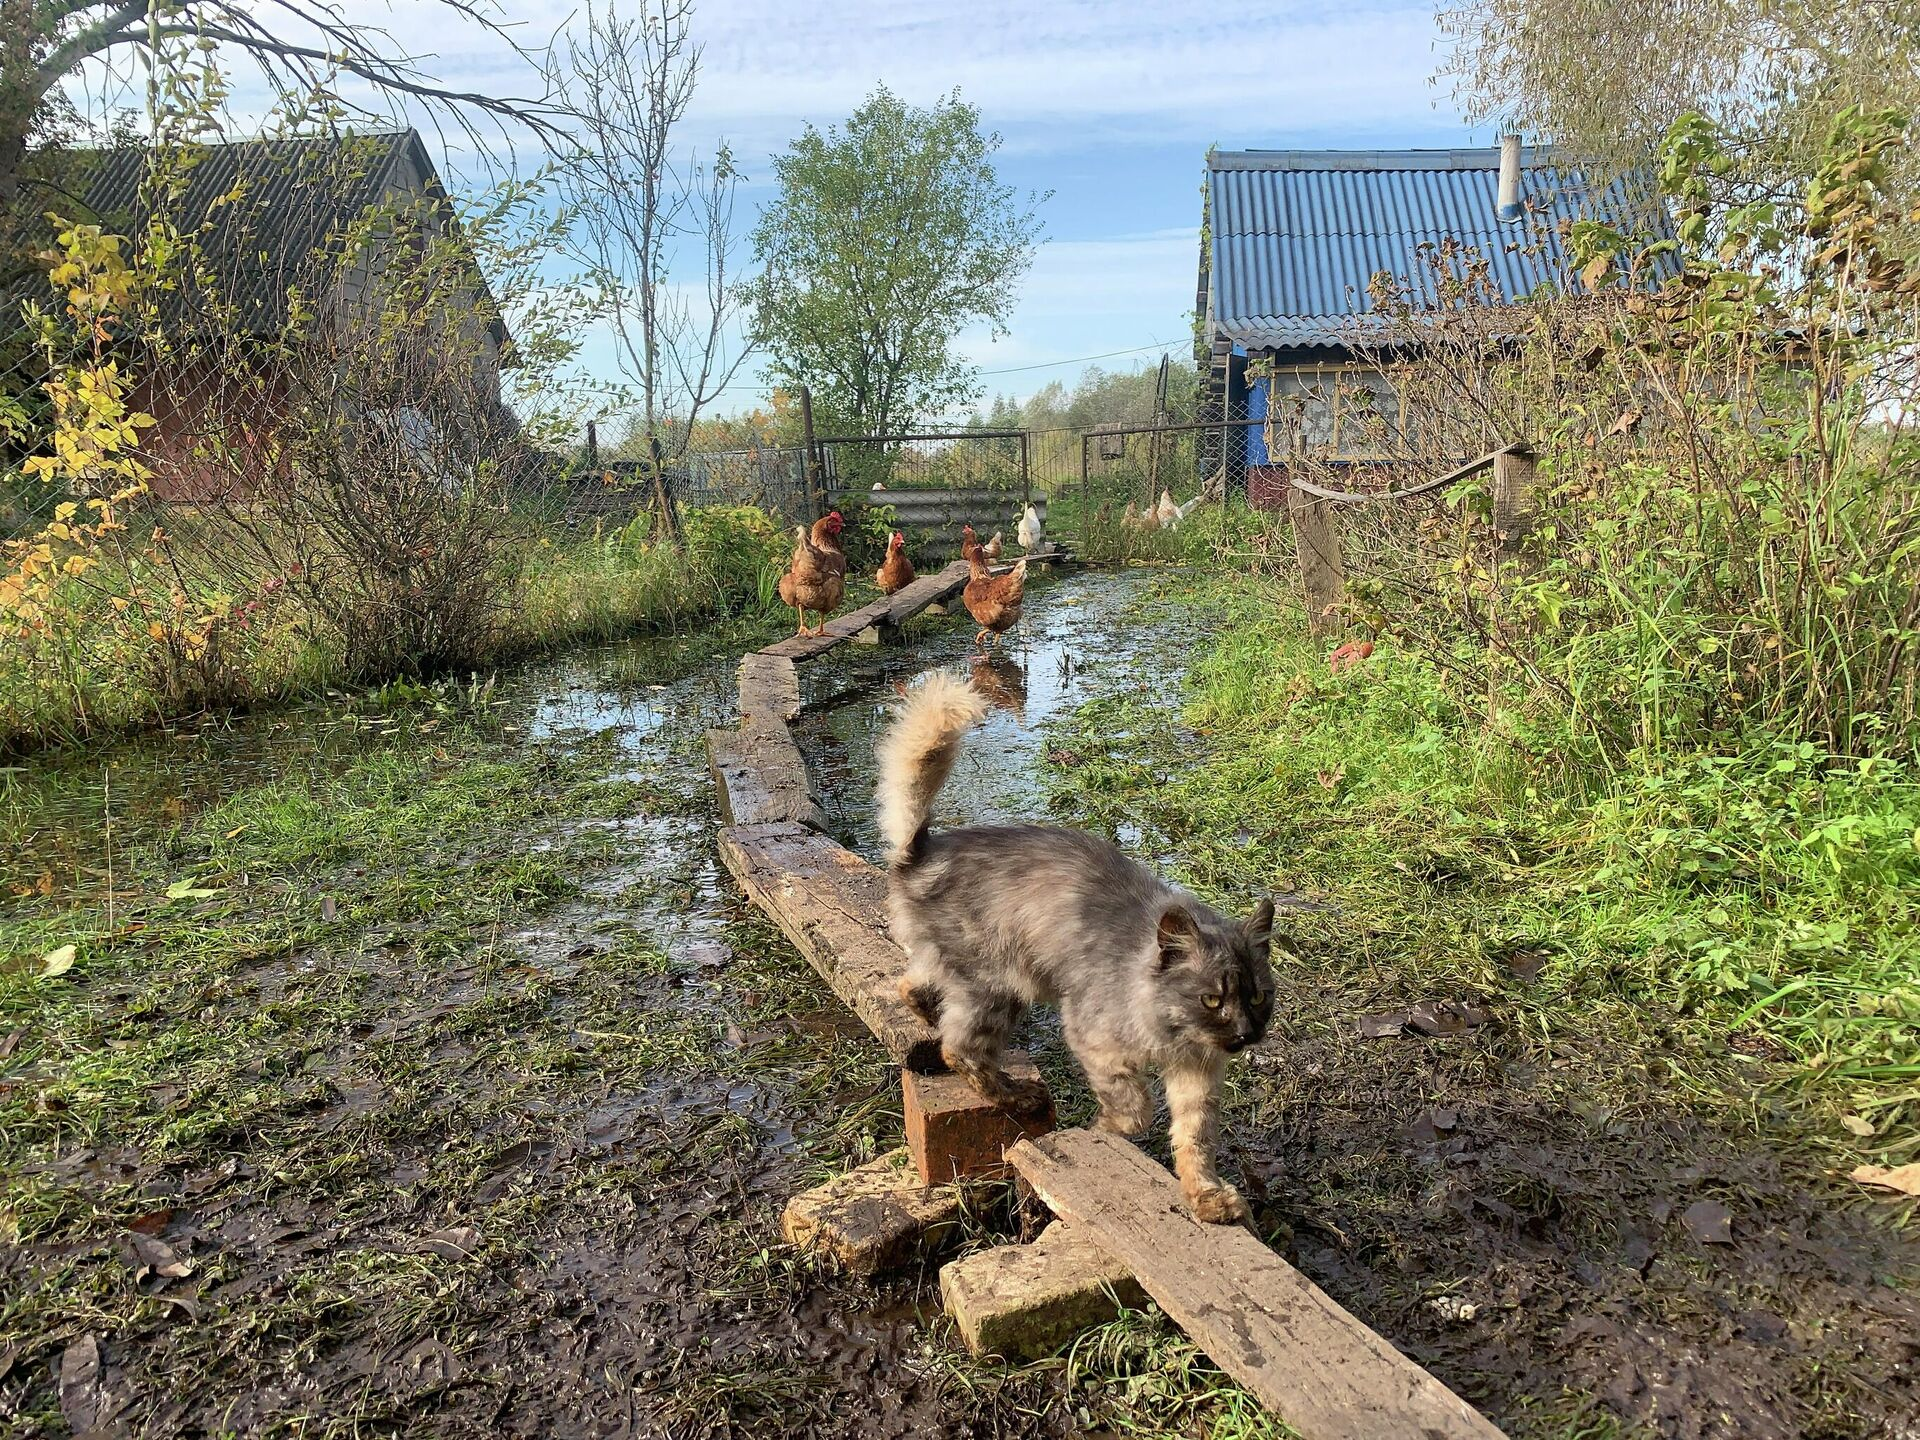 Пока во дворе не было мостиков, даже котам приходилось перемещаться вплавь - Sputnik Беларусь, 1920, 06.10.2021